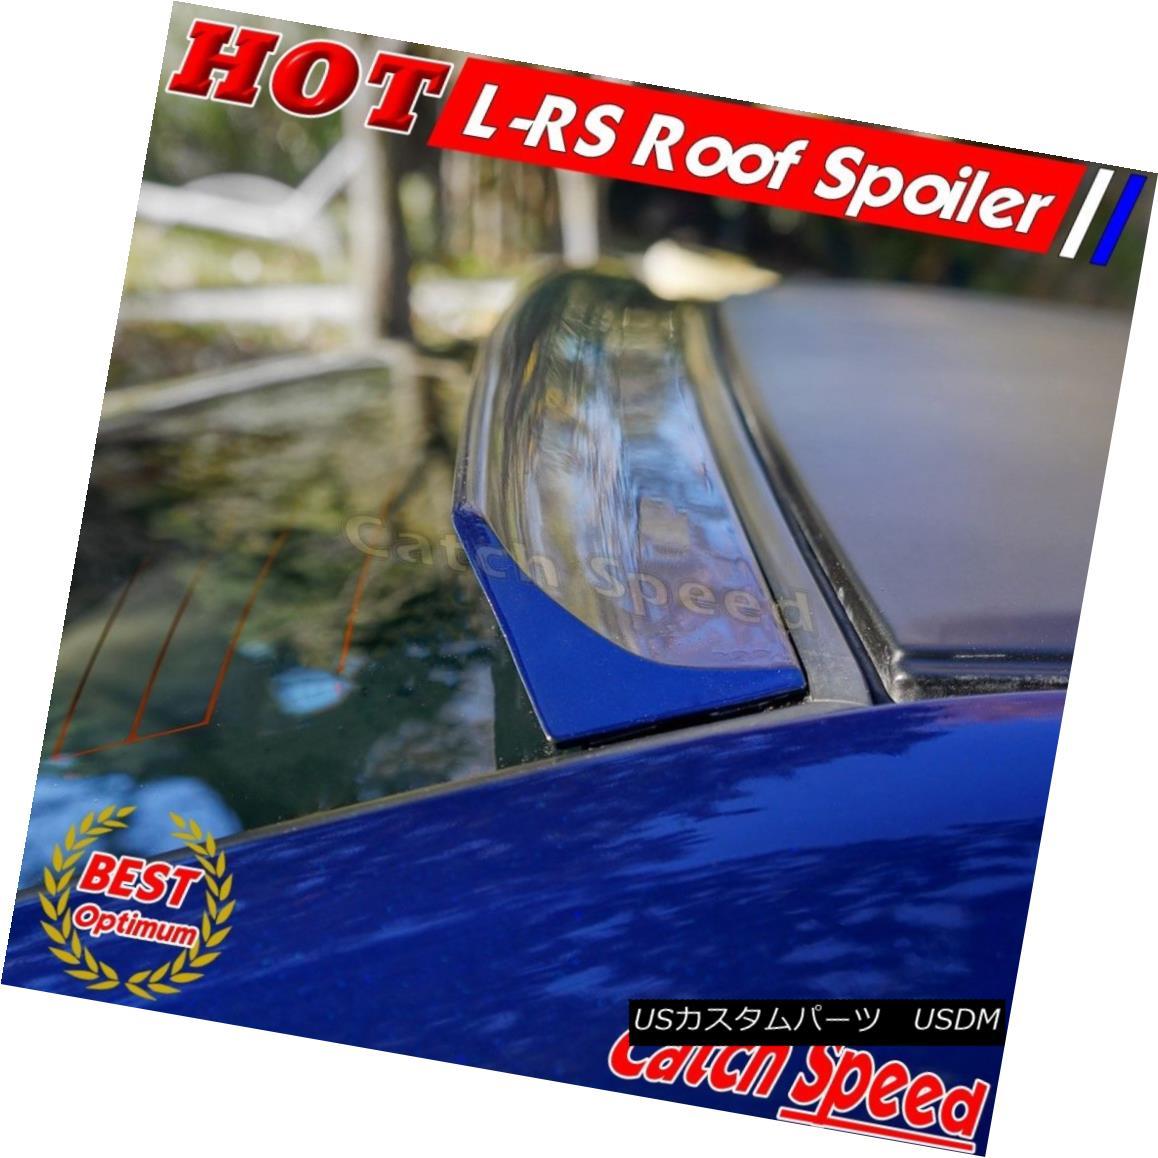 エアロパーツ Painted LRS Type Rear Roof Spoiler Wing For Honda CIVIC Sedan 2012~15 ? ホンダシビックセダン用LRSタイプリアルーフスポイラーウィング2012年?15年?